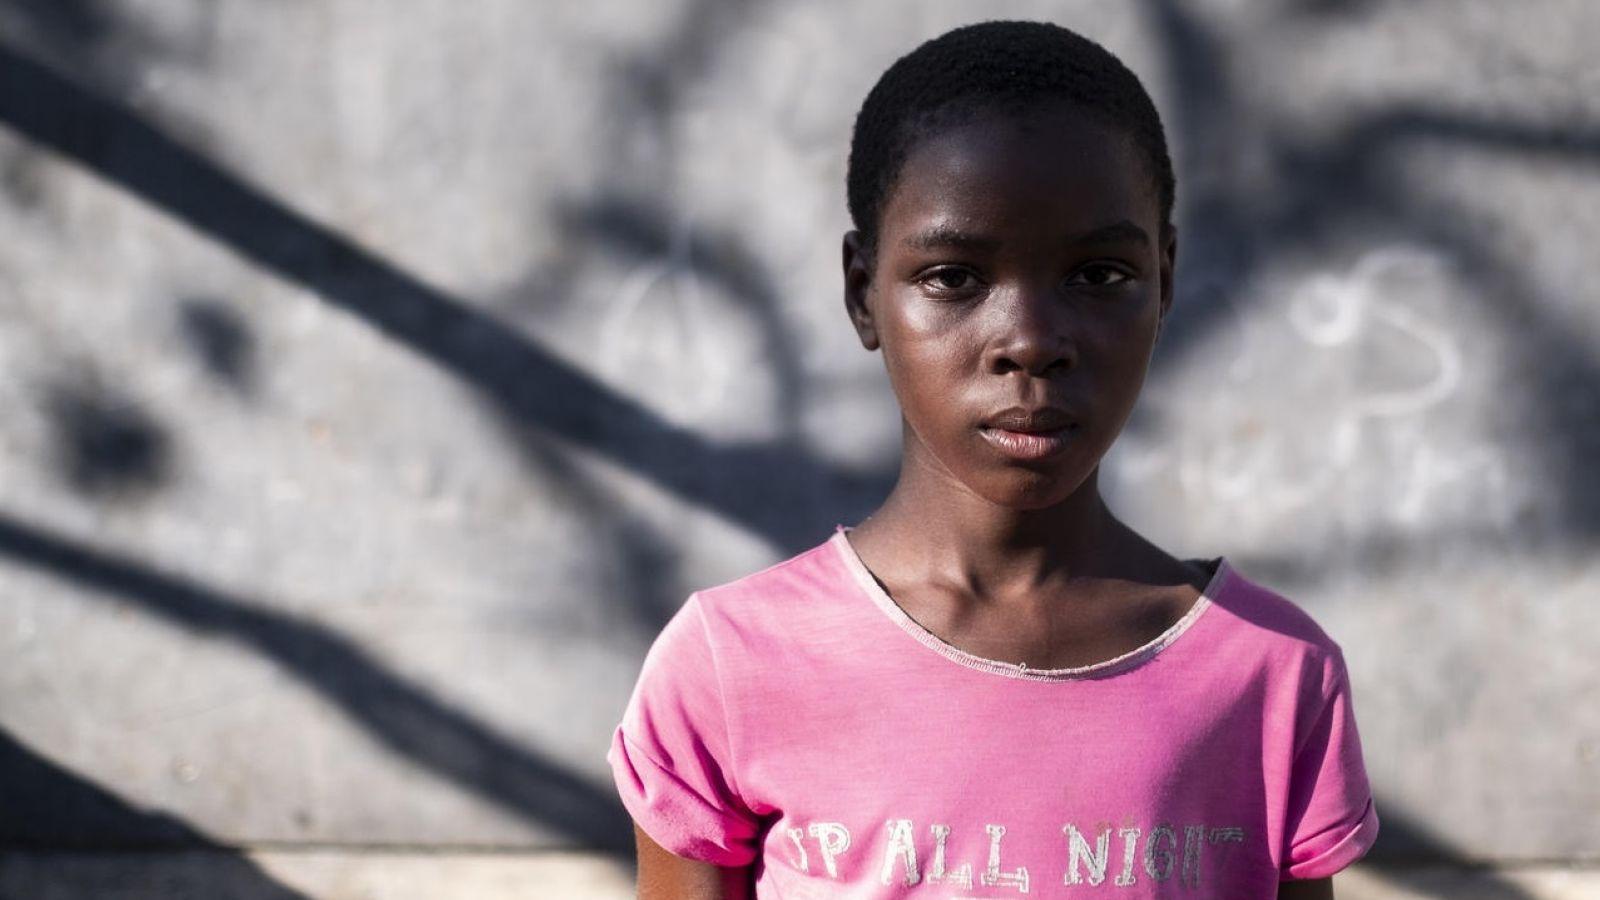 © UNICEF/UN0294995/DE WET